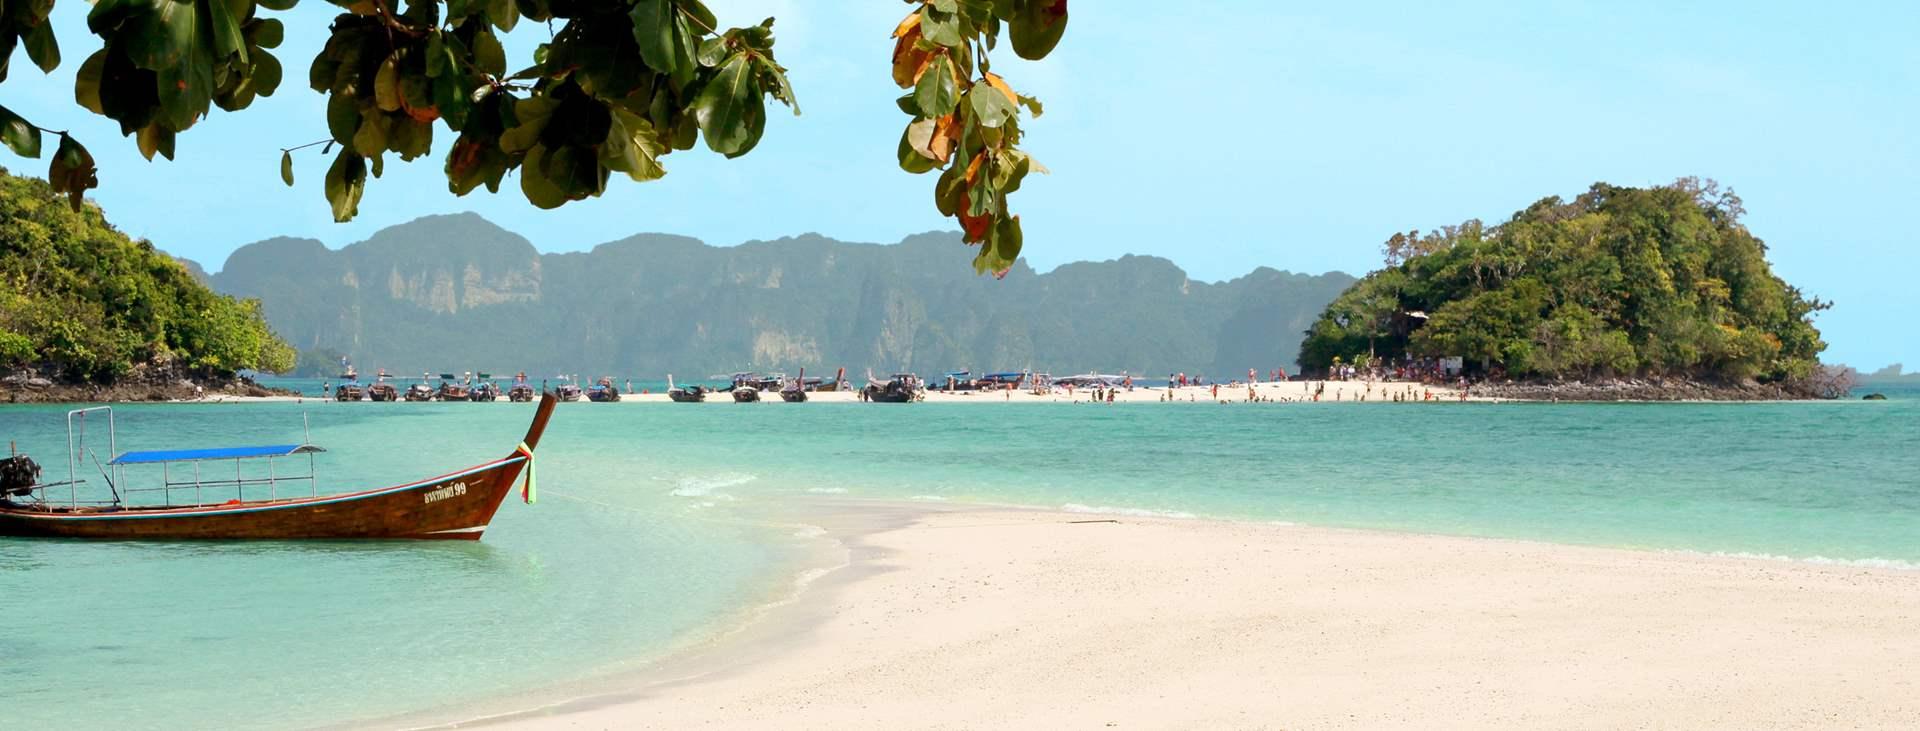 Bestill en reise med Ving til Krabi i Thailand